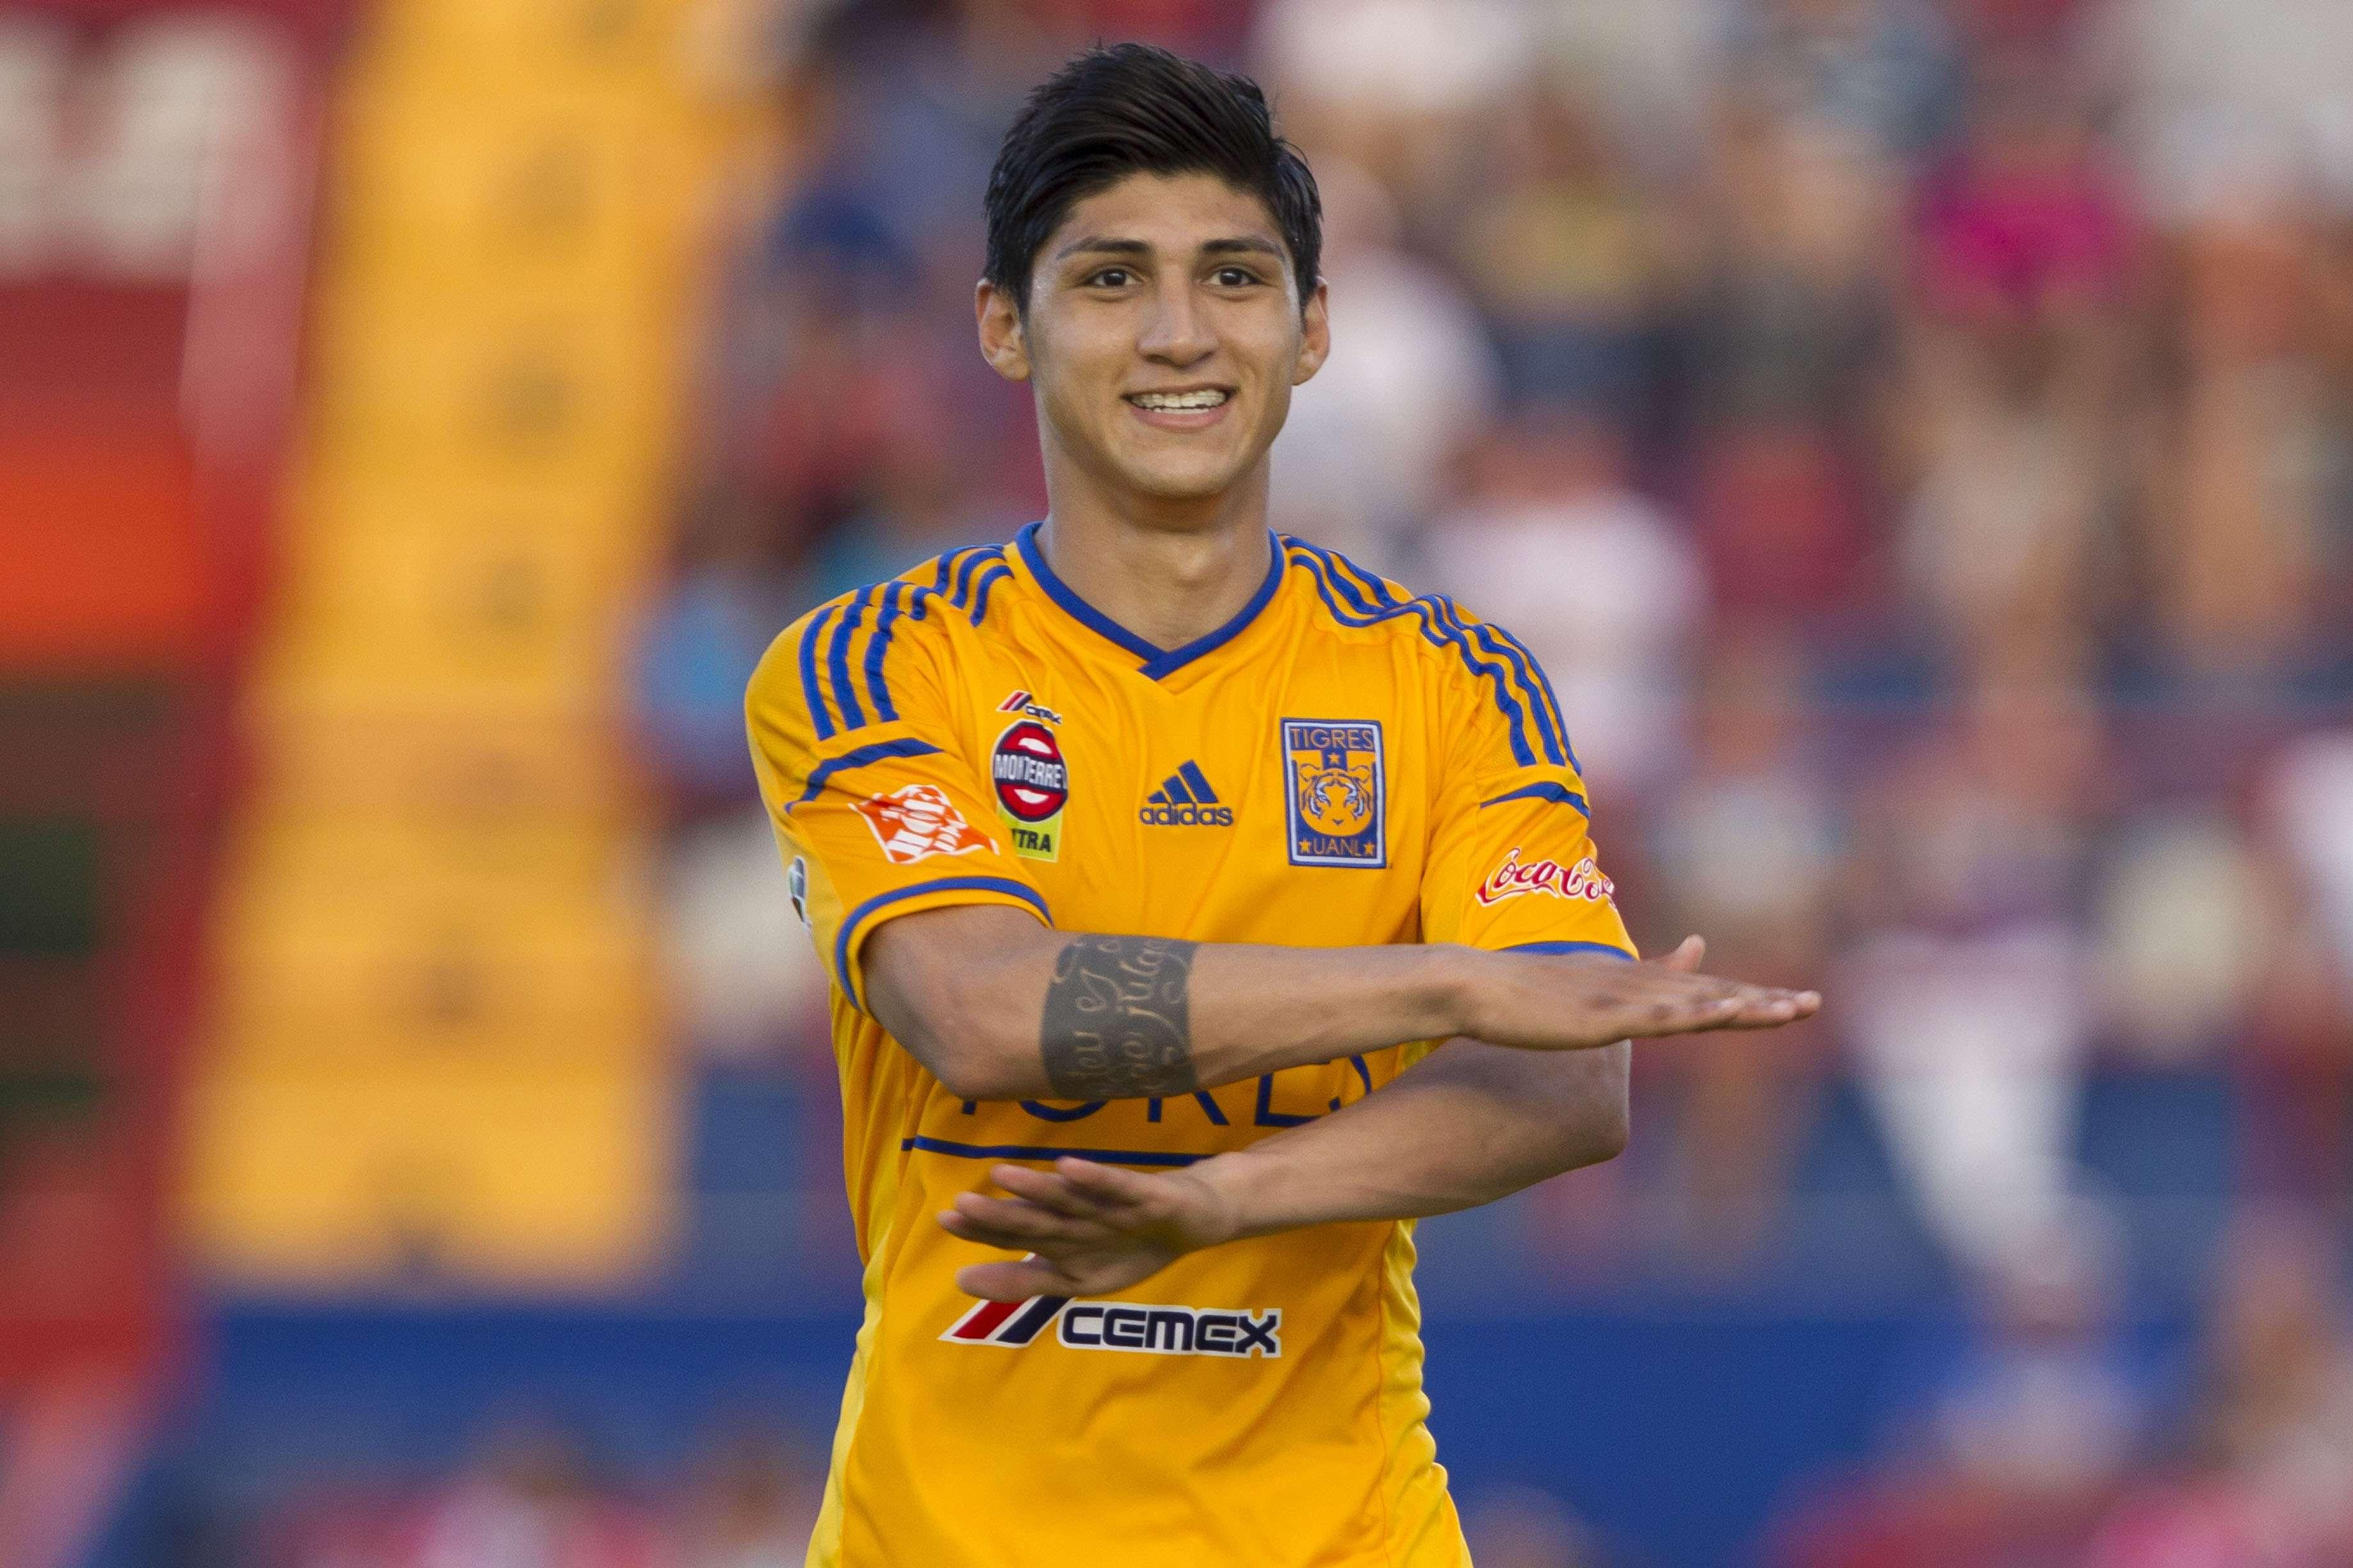 Sigue el caso de Alan Pulido en duda, ya que no se ha definido. Foto: Mexsport